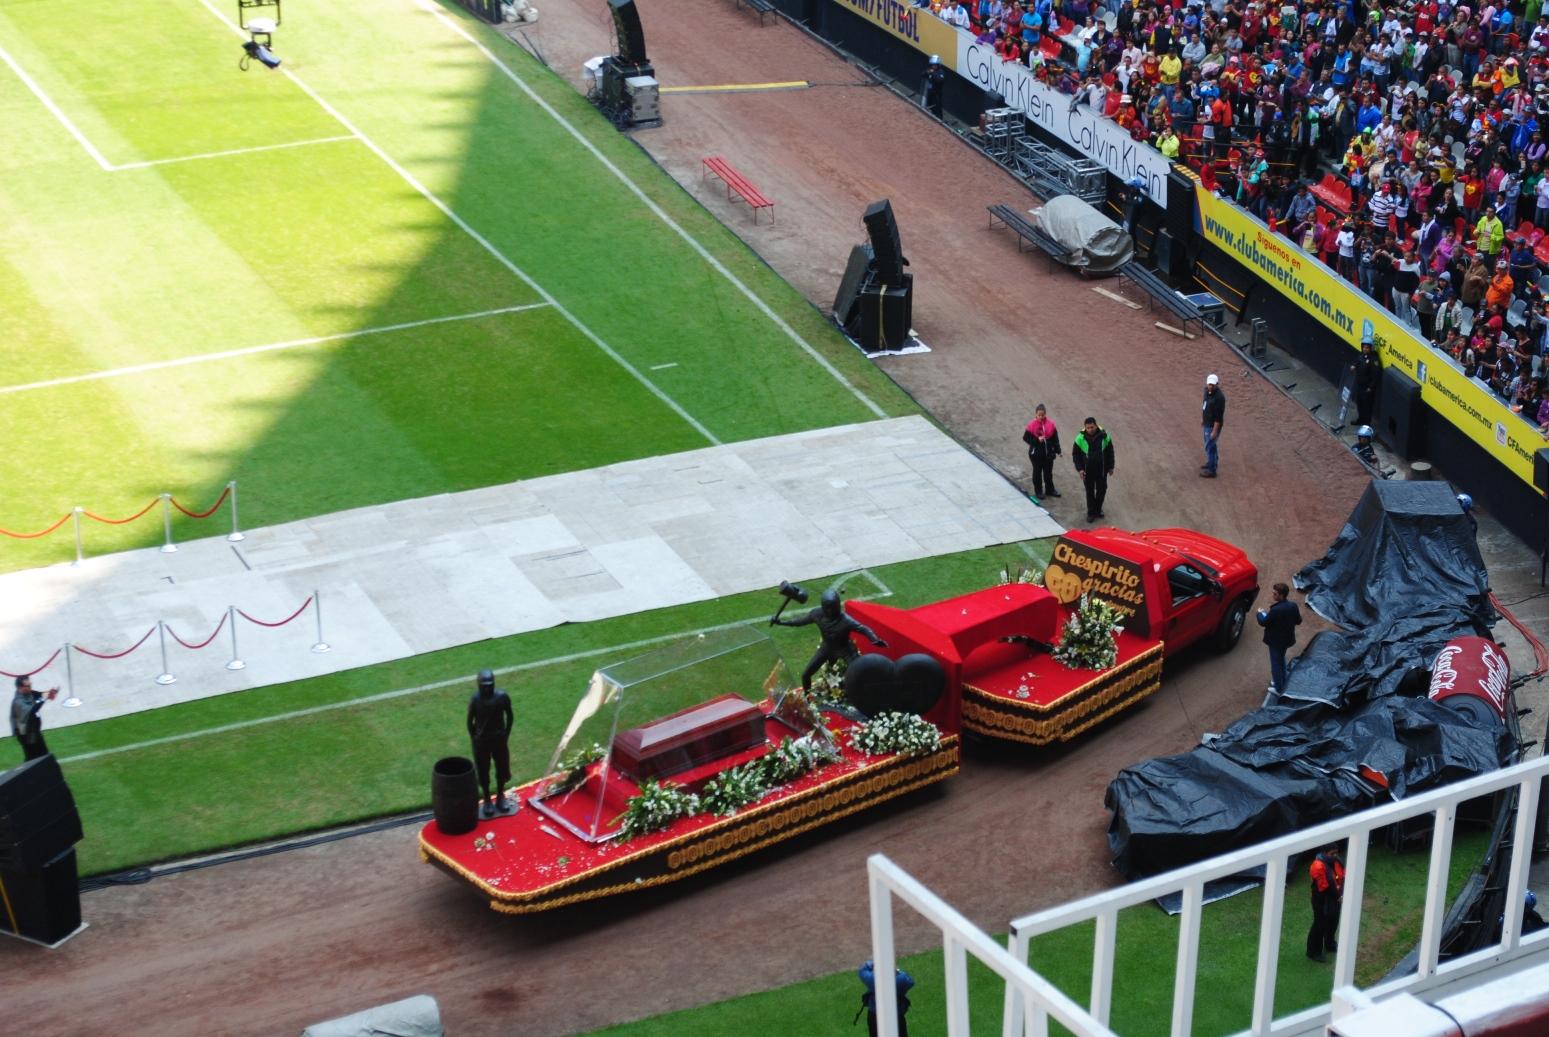 El carro que llevaba el ataúd de Chespirito ingresa al Estadio Azteca, el 30 de noviembre de 2014. Foto de Xavier López Jurado, especial para La República.